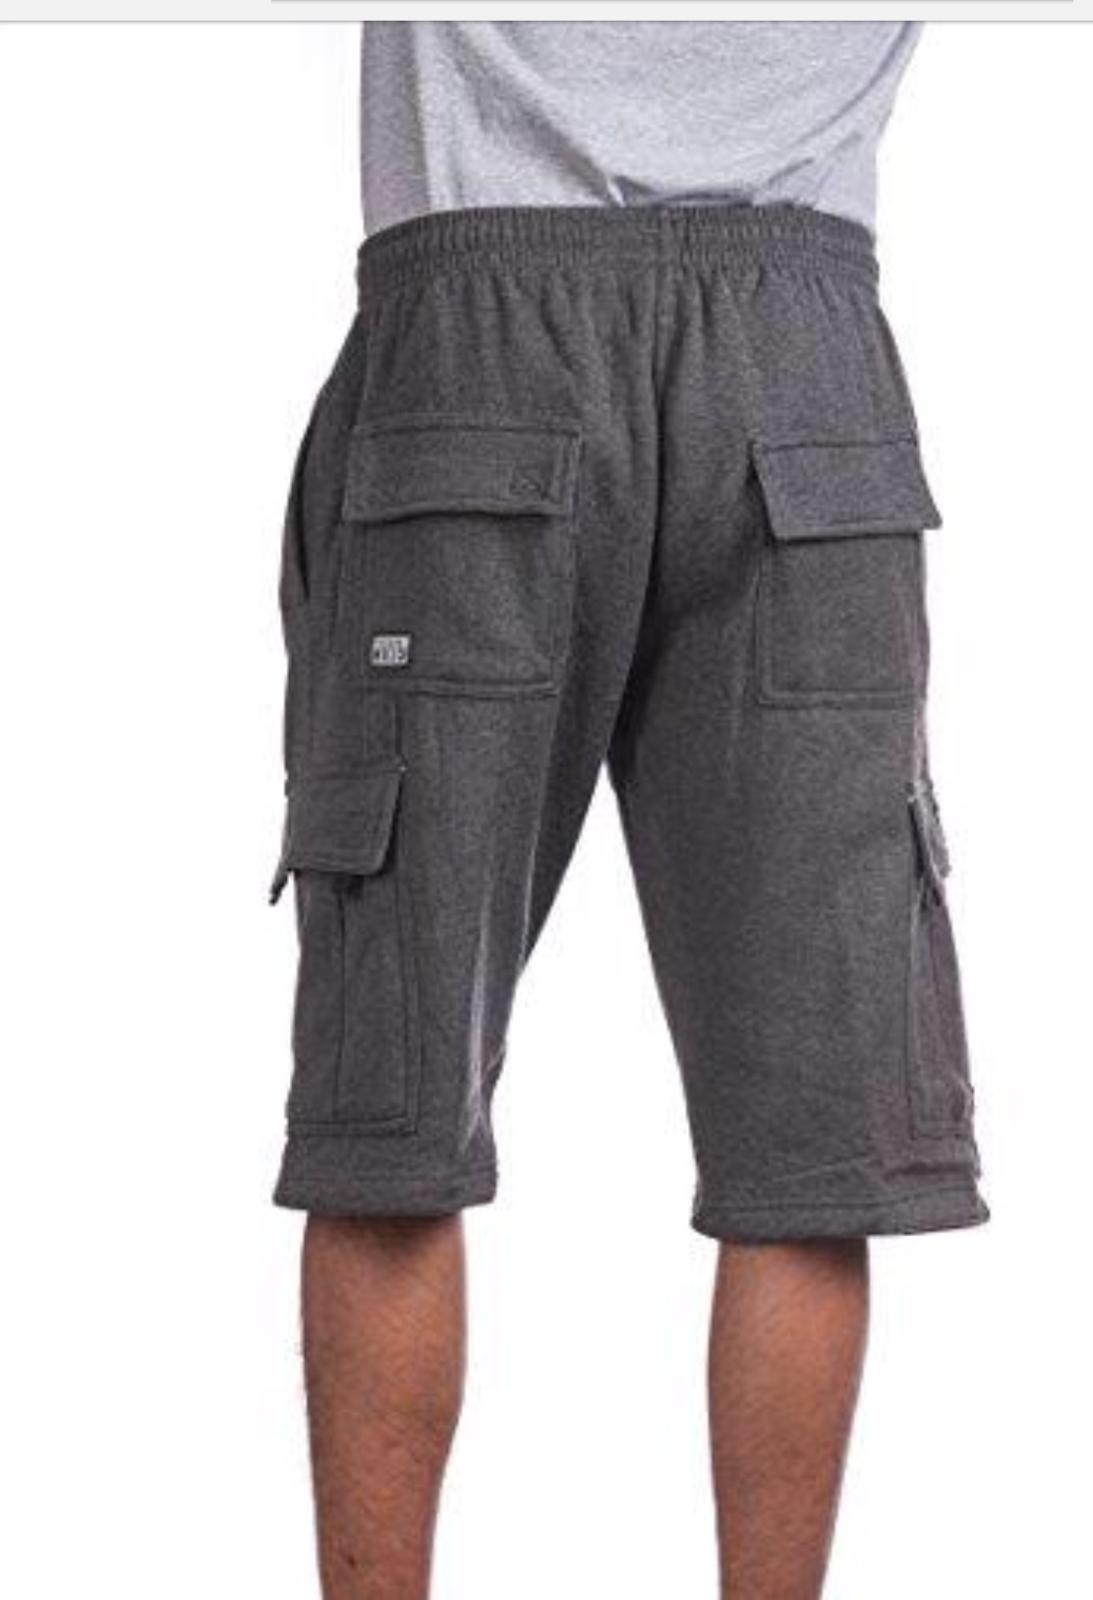 PRO Shorts Sweat Pants Pockets